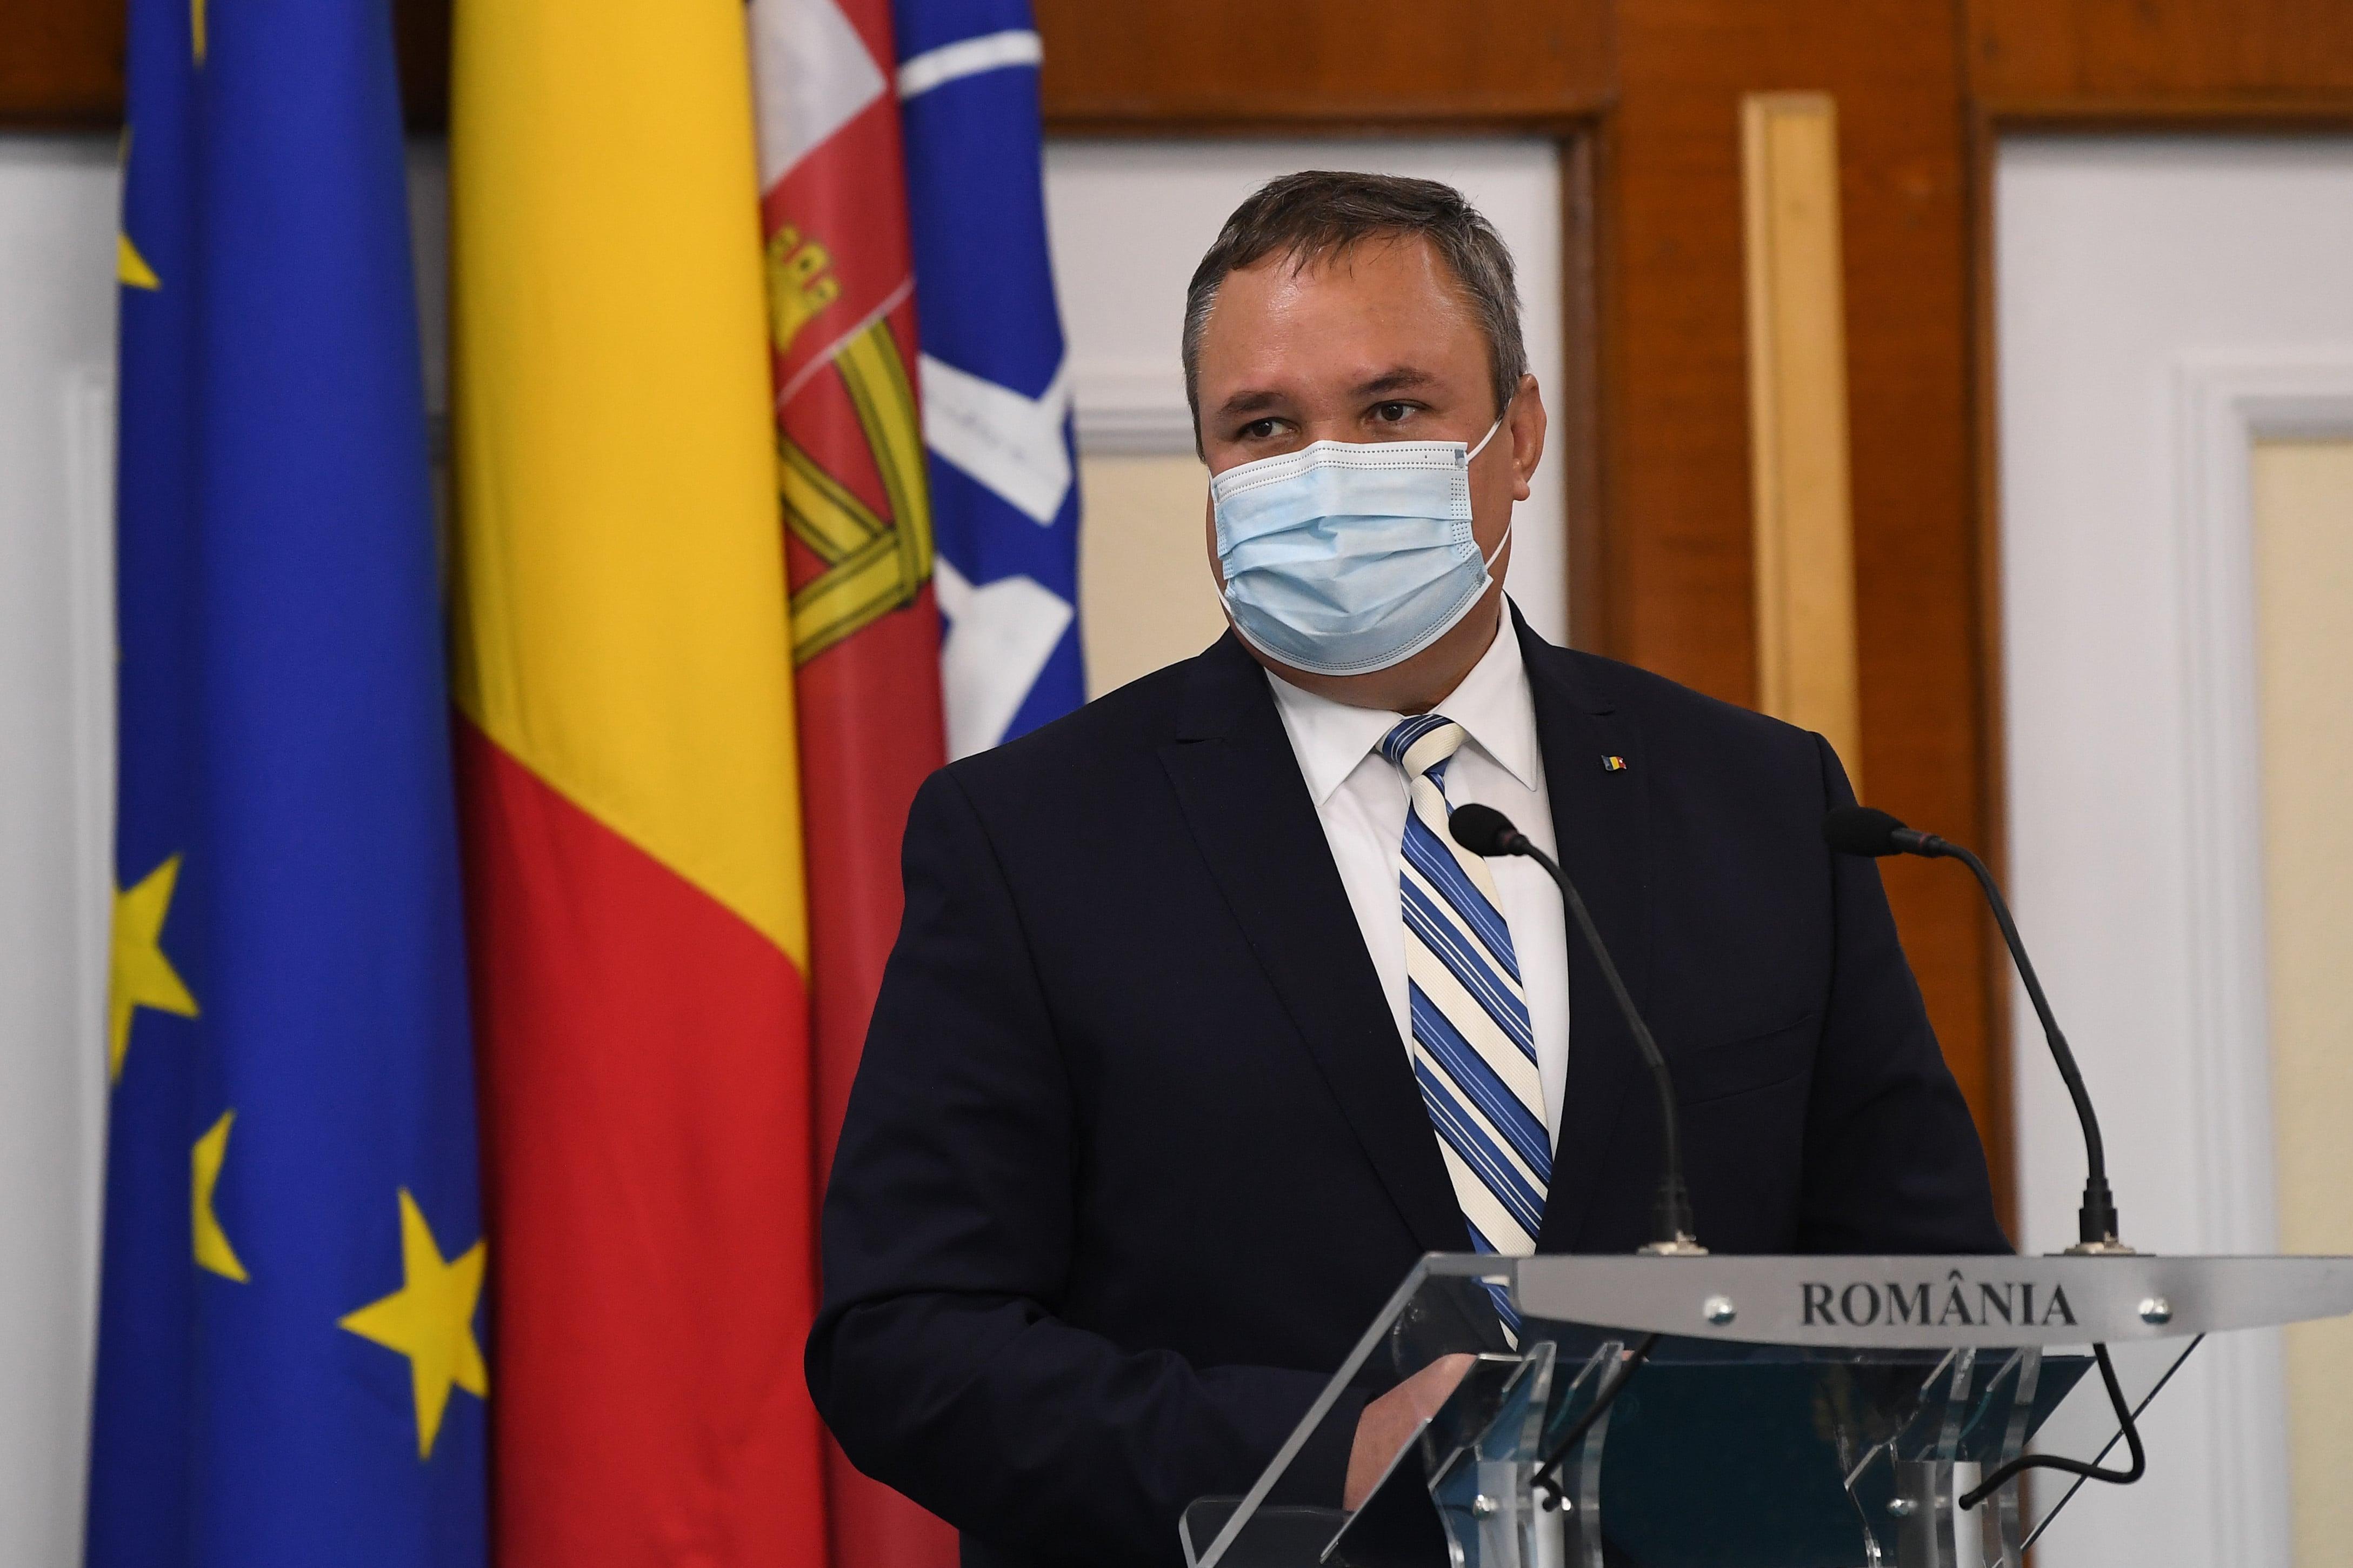 Premierul Ciucă: Institutul Cantacuzino a primit lăzile de gheaţă carbonică pentru vaccinuri